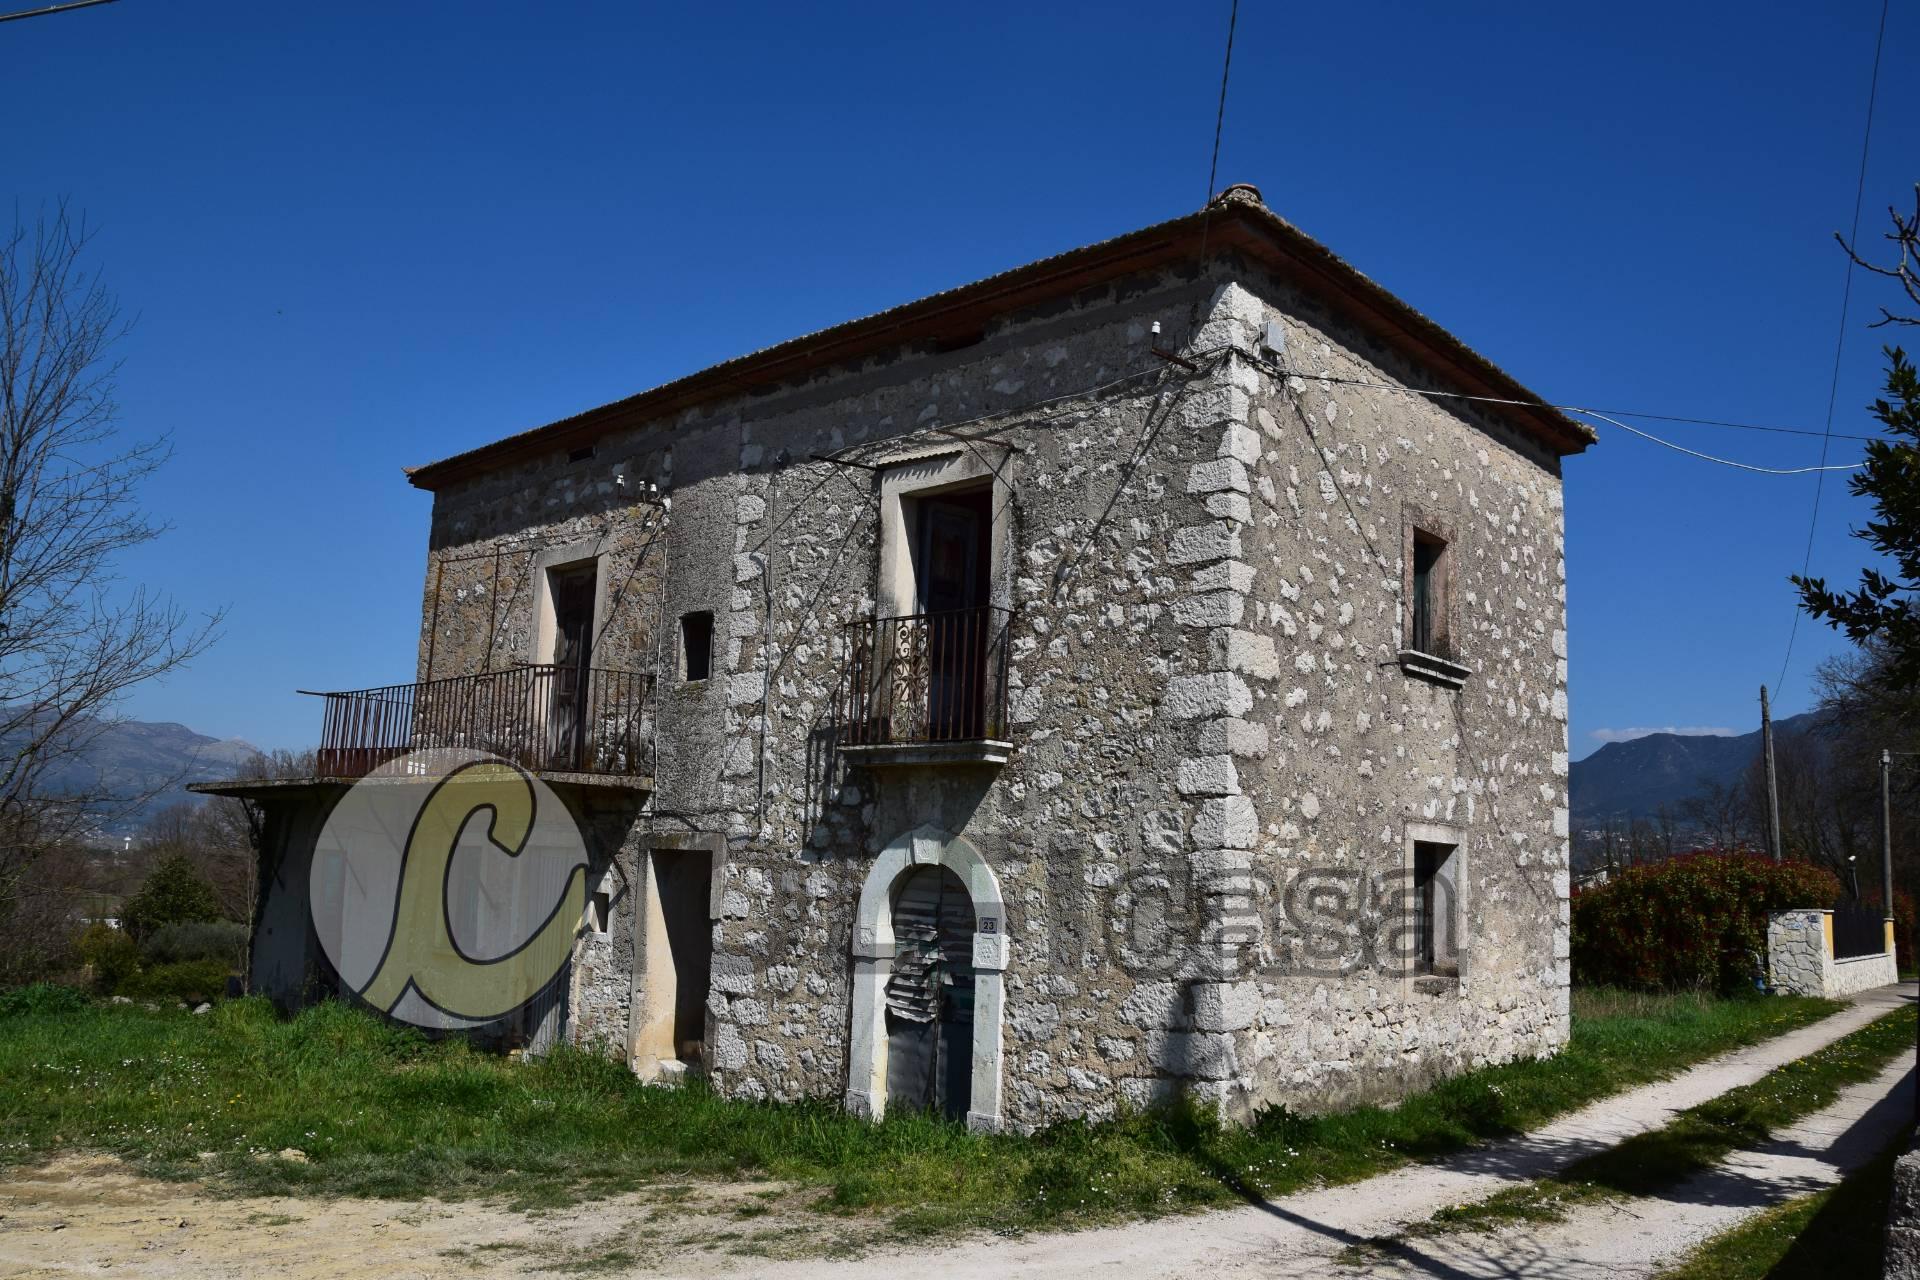 Soluzione Indipendente in vendita a Cervaro, 5 locali, zona Località: Foresta, prezzo € 63.000 | CambioCasa.it